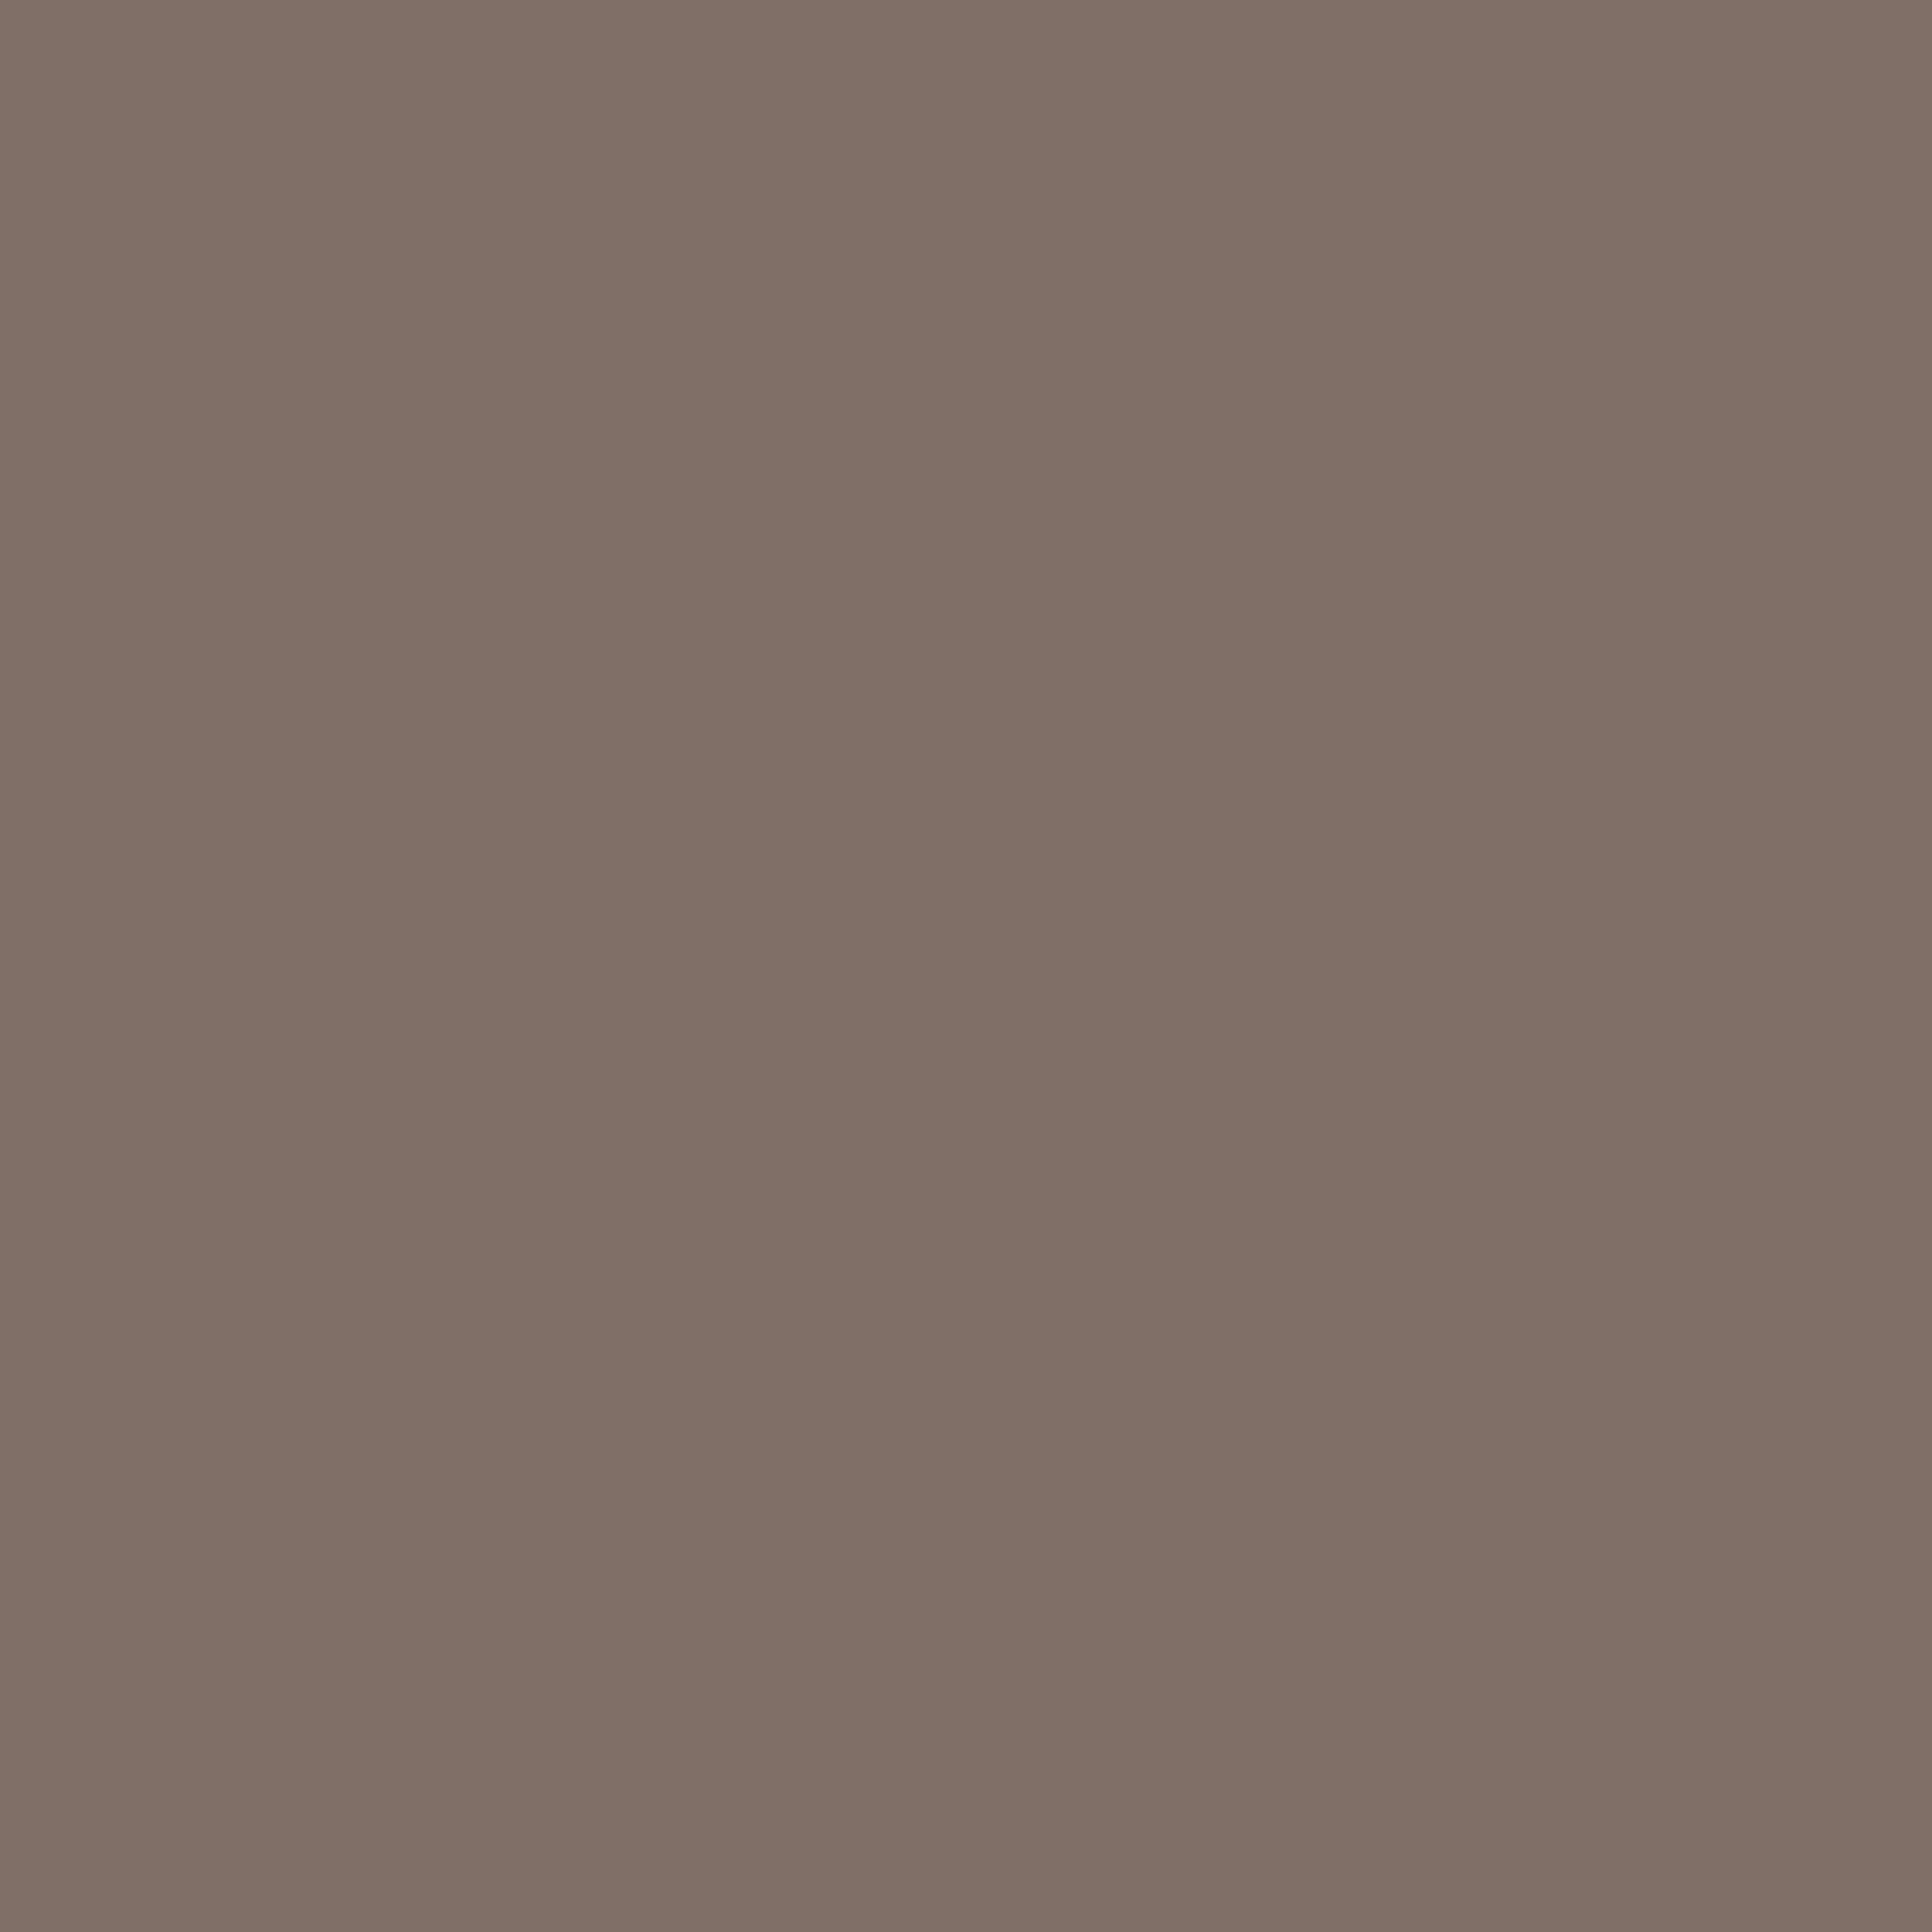 Эмаль Dufa Seidenmattlack полуматовая 2.5 л цвет шоколадно-коричневый